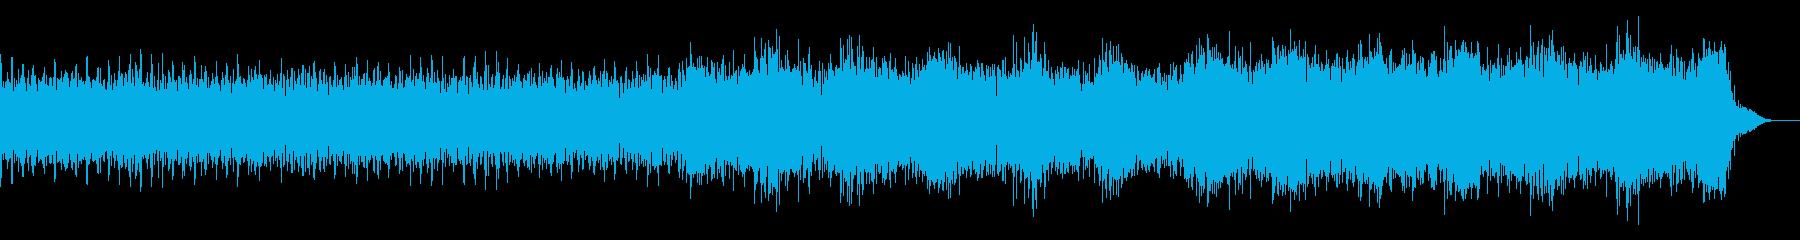 【ニュース系3】シンセ、無機質、坦々aの再生済みの波形